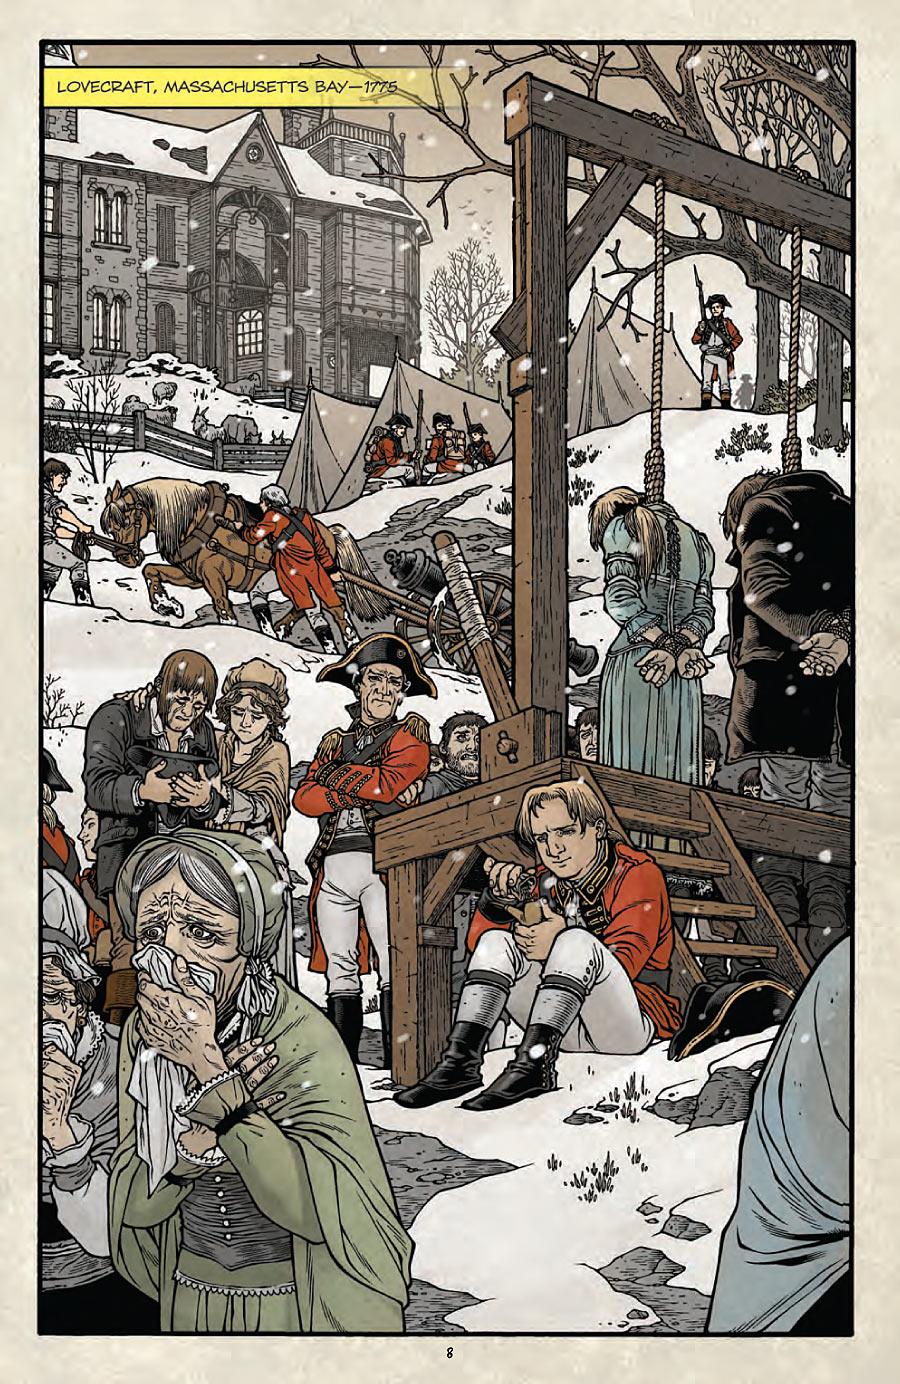 #265 Carte de vœux Humour Grossier Drôle Blague Humour Anniversaire negan WALKING DEAD